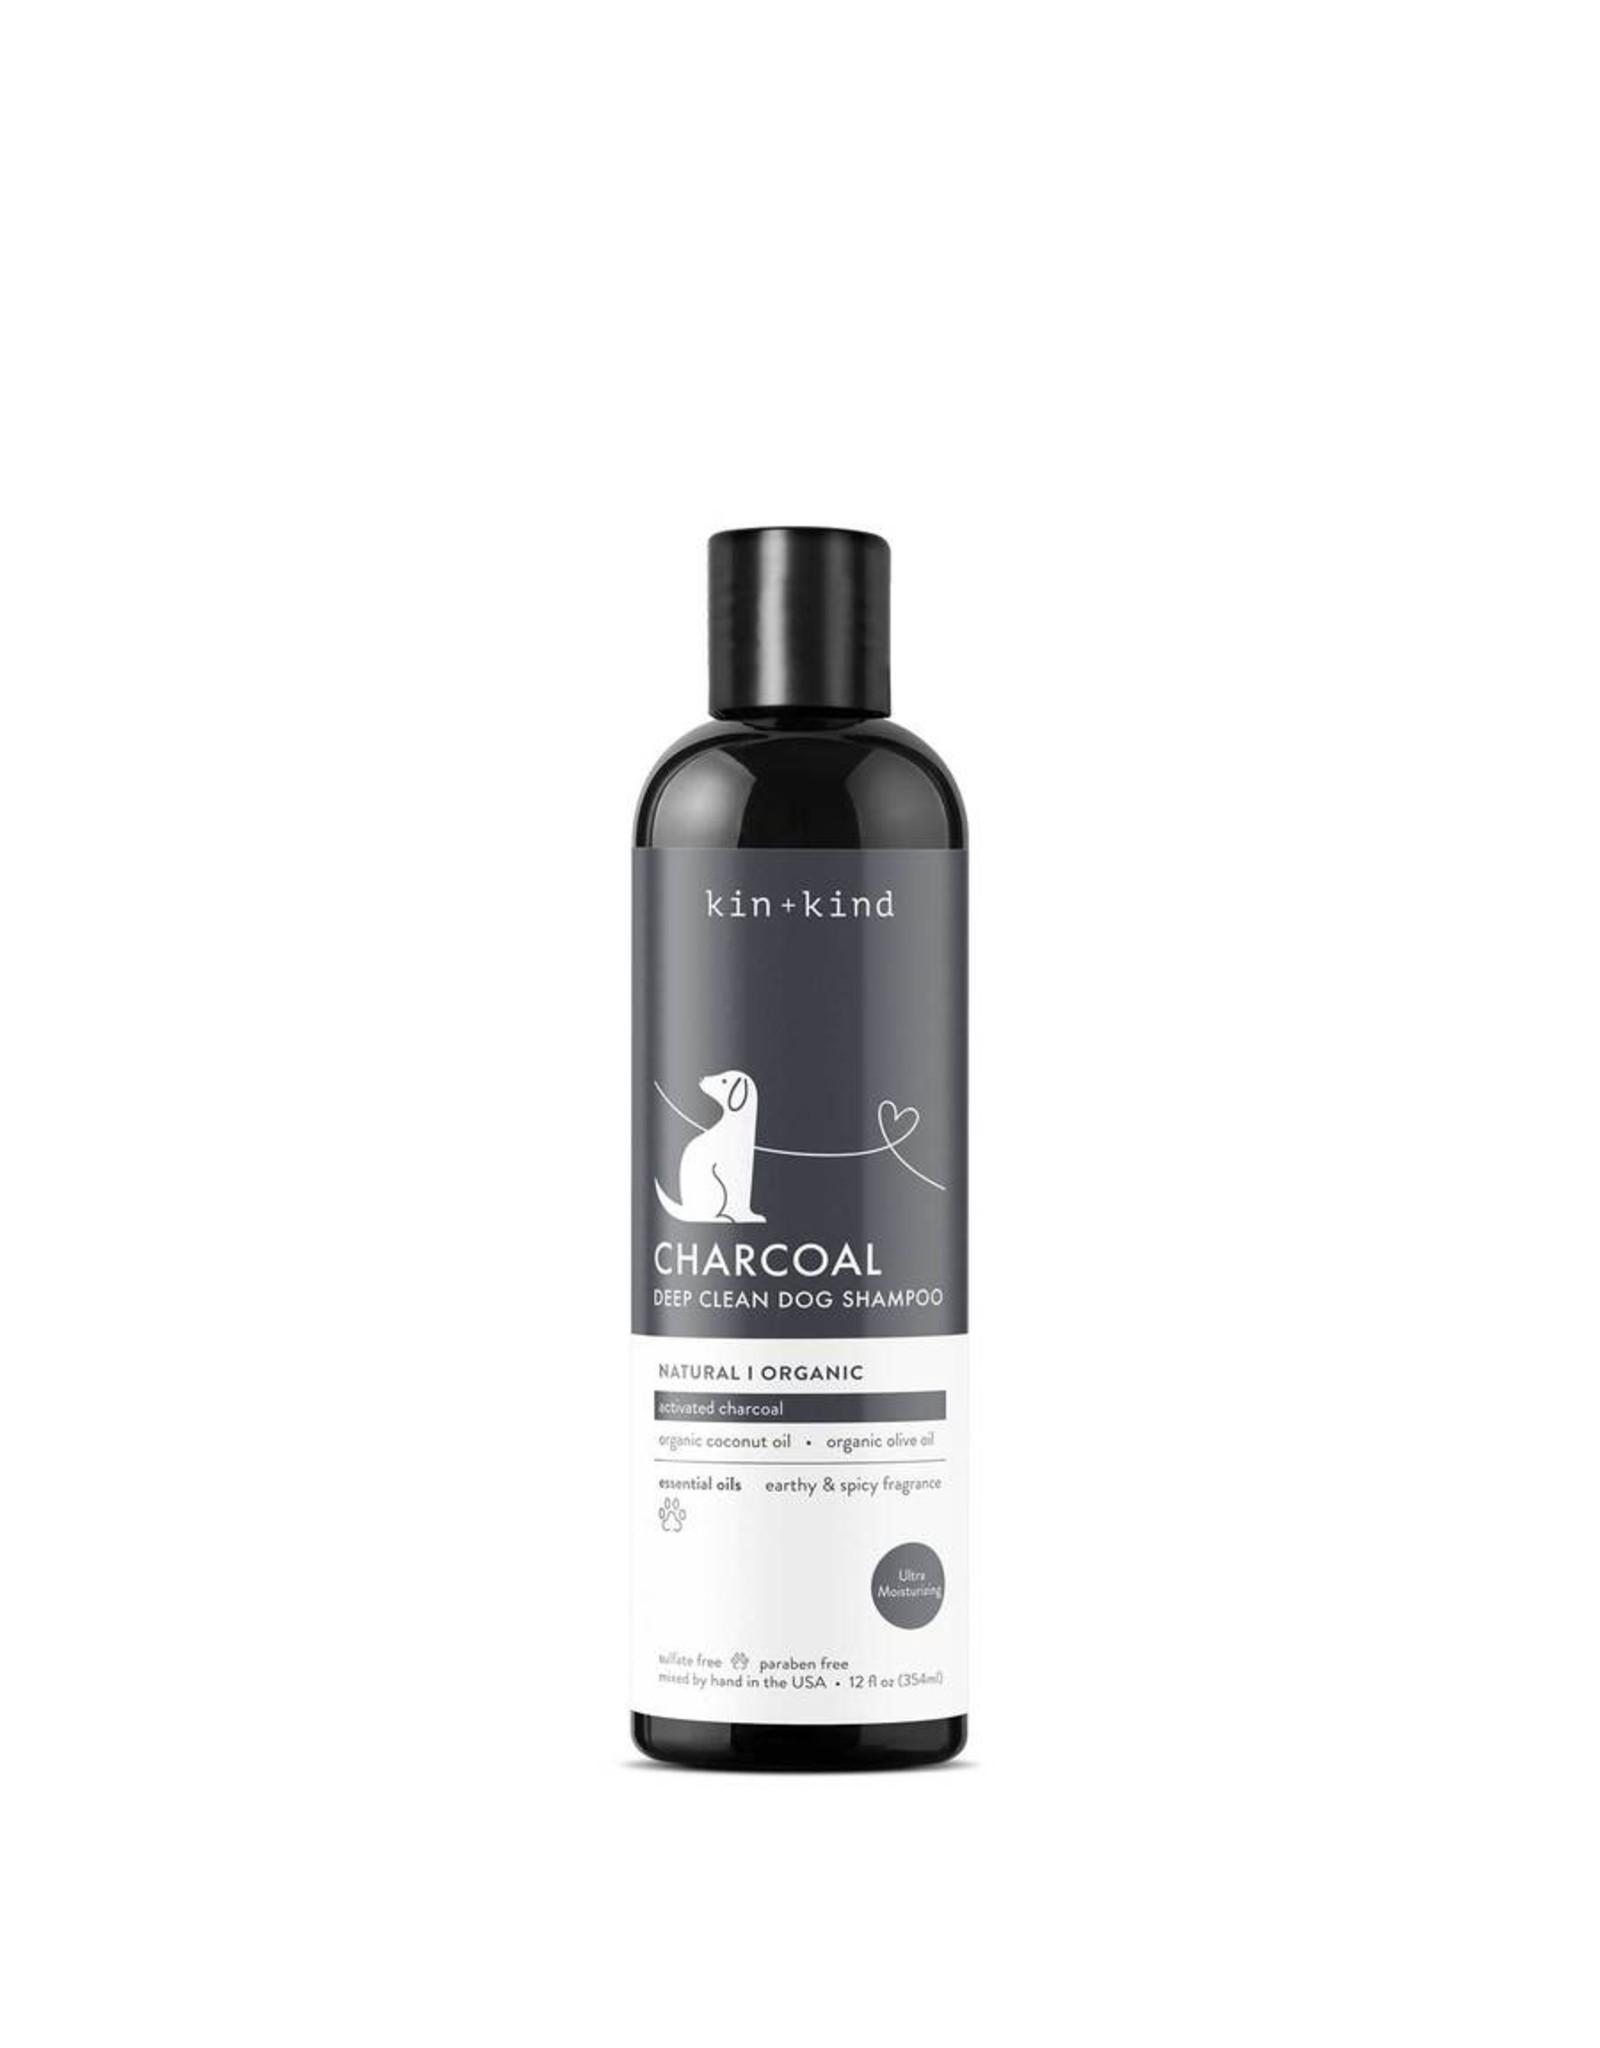 Kin and Kind Kin and Kind Charcoal Shampoo 12oz